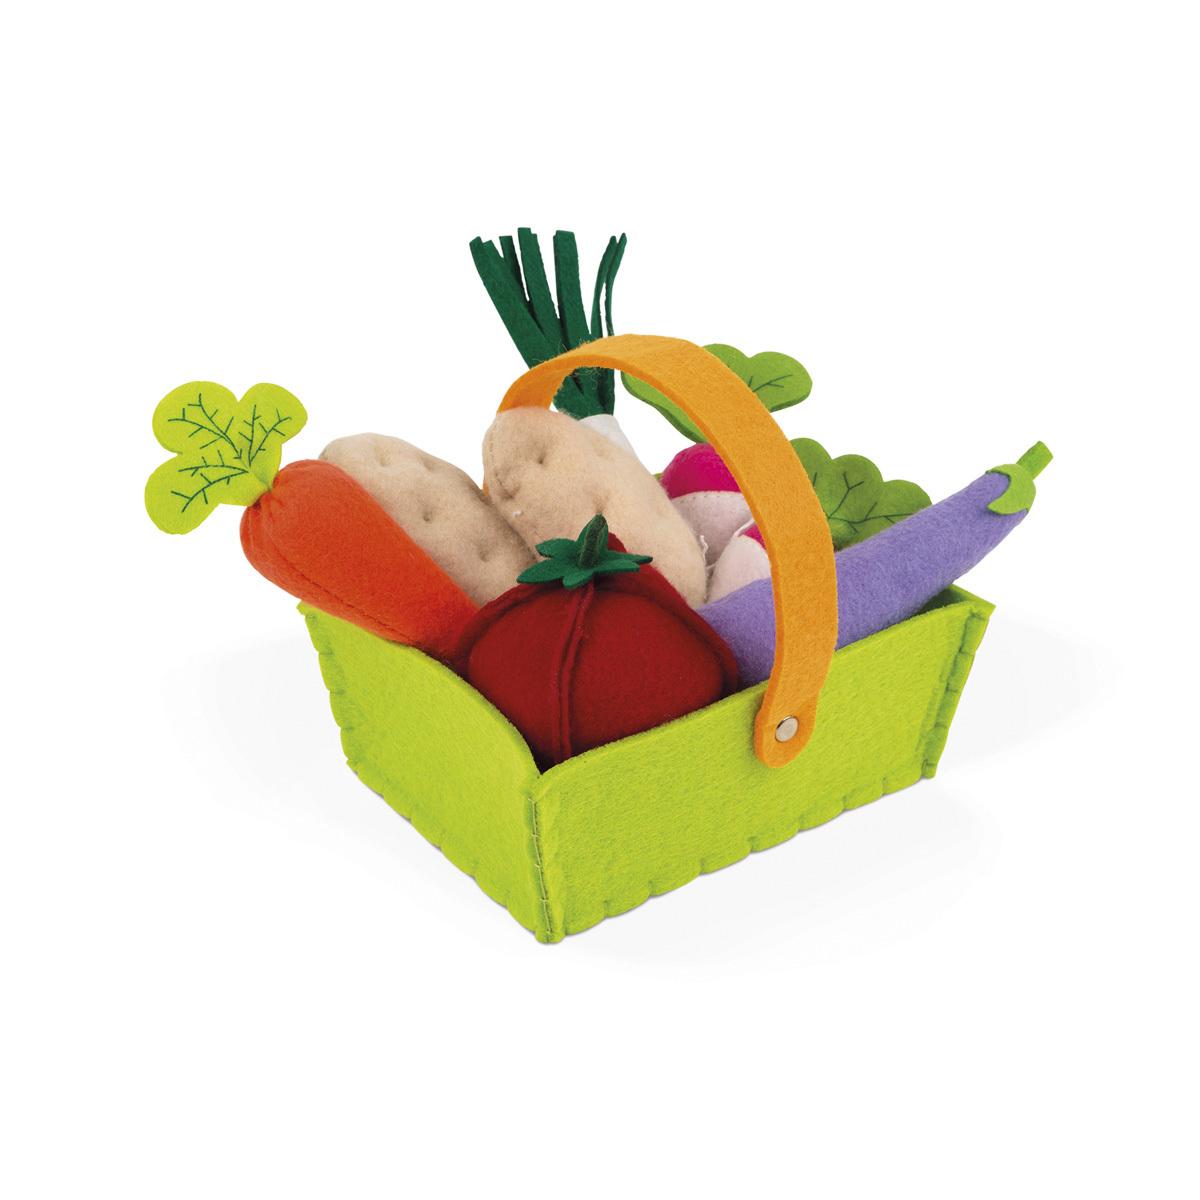 Mes premiers jouets Panier de 8 Légumes en Tissu Panier de 8 Légumes en Tissu